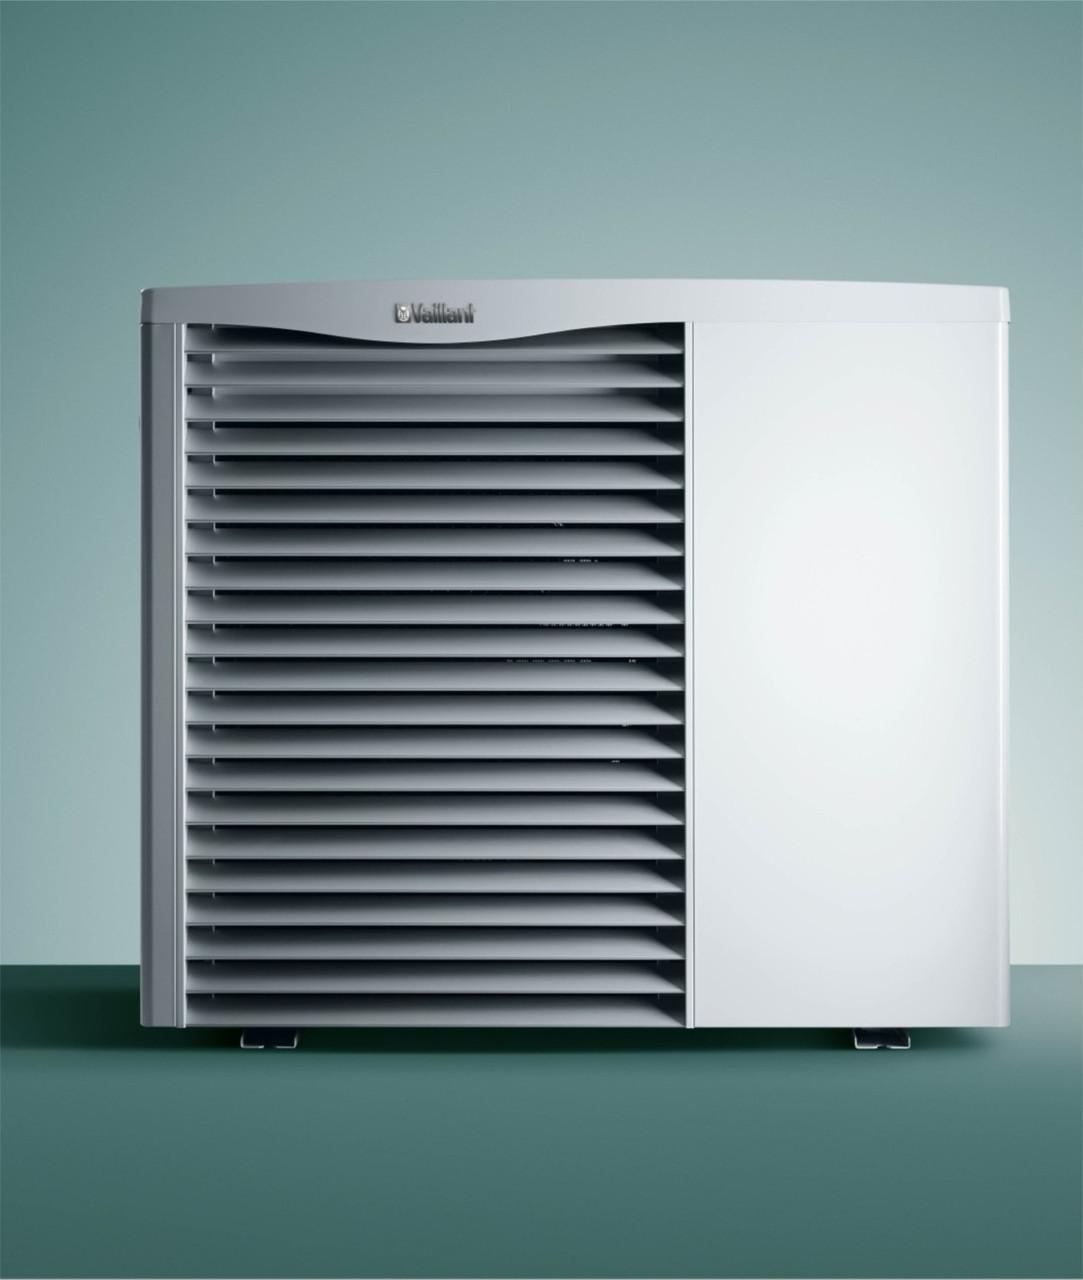 Тепловой насос для отопления, горячего водоснабжения и охлаждения Vaillant aroTHERM VWL 155/2 A 400 V Пакет